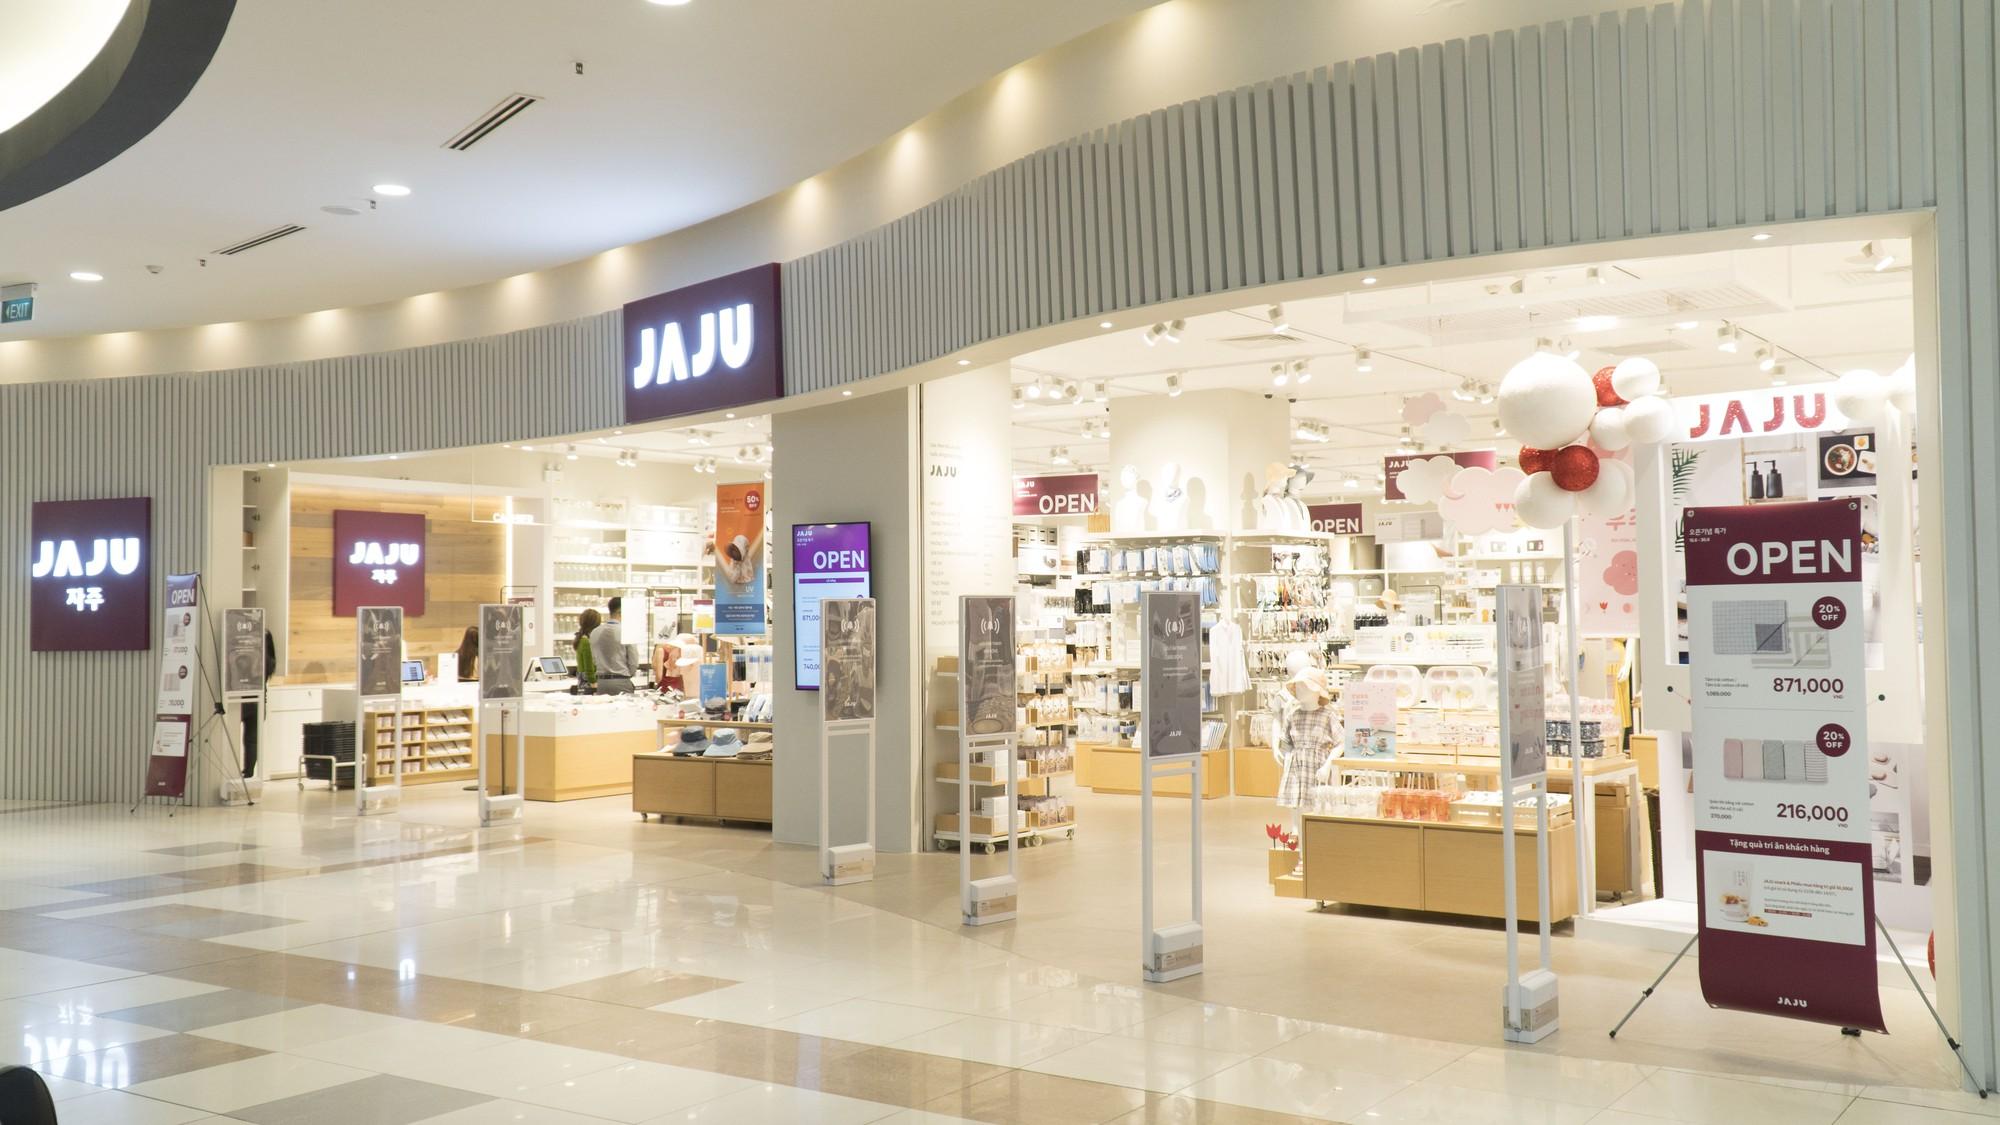 """Mãn nhãn với thương hiệu JAJU """"100% sản phẩm nội địa Hàn Quốc"""" lần đầu có mặt tại Việt Nam - Ảnh 1."""